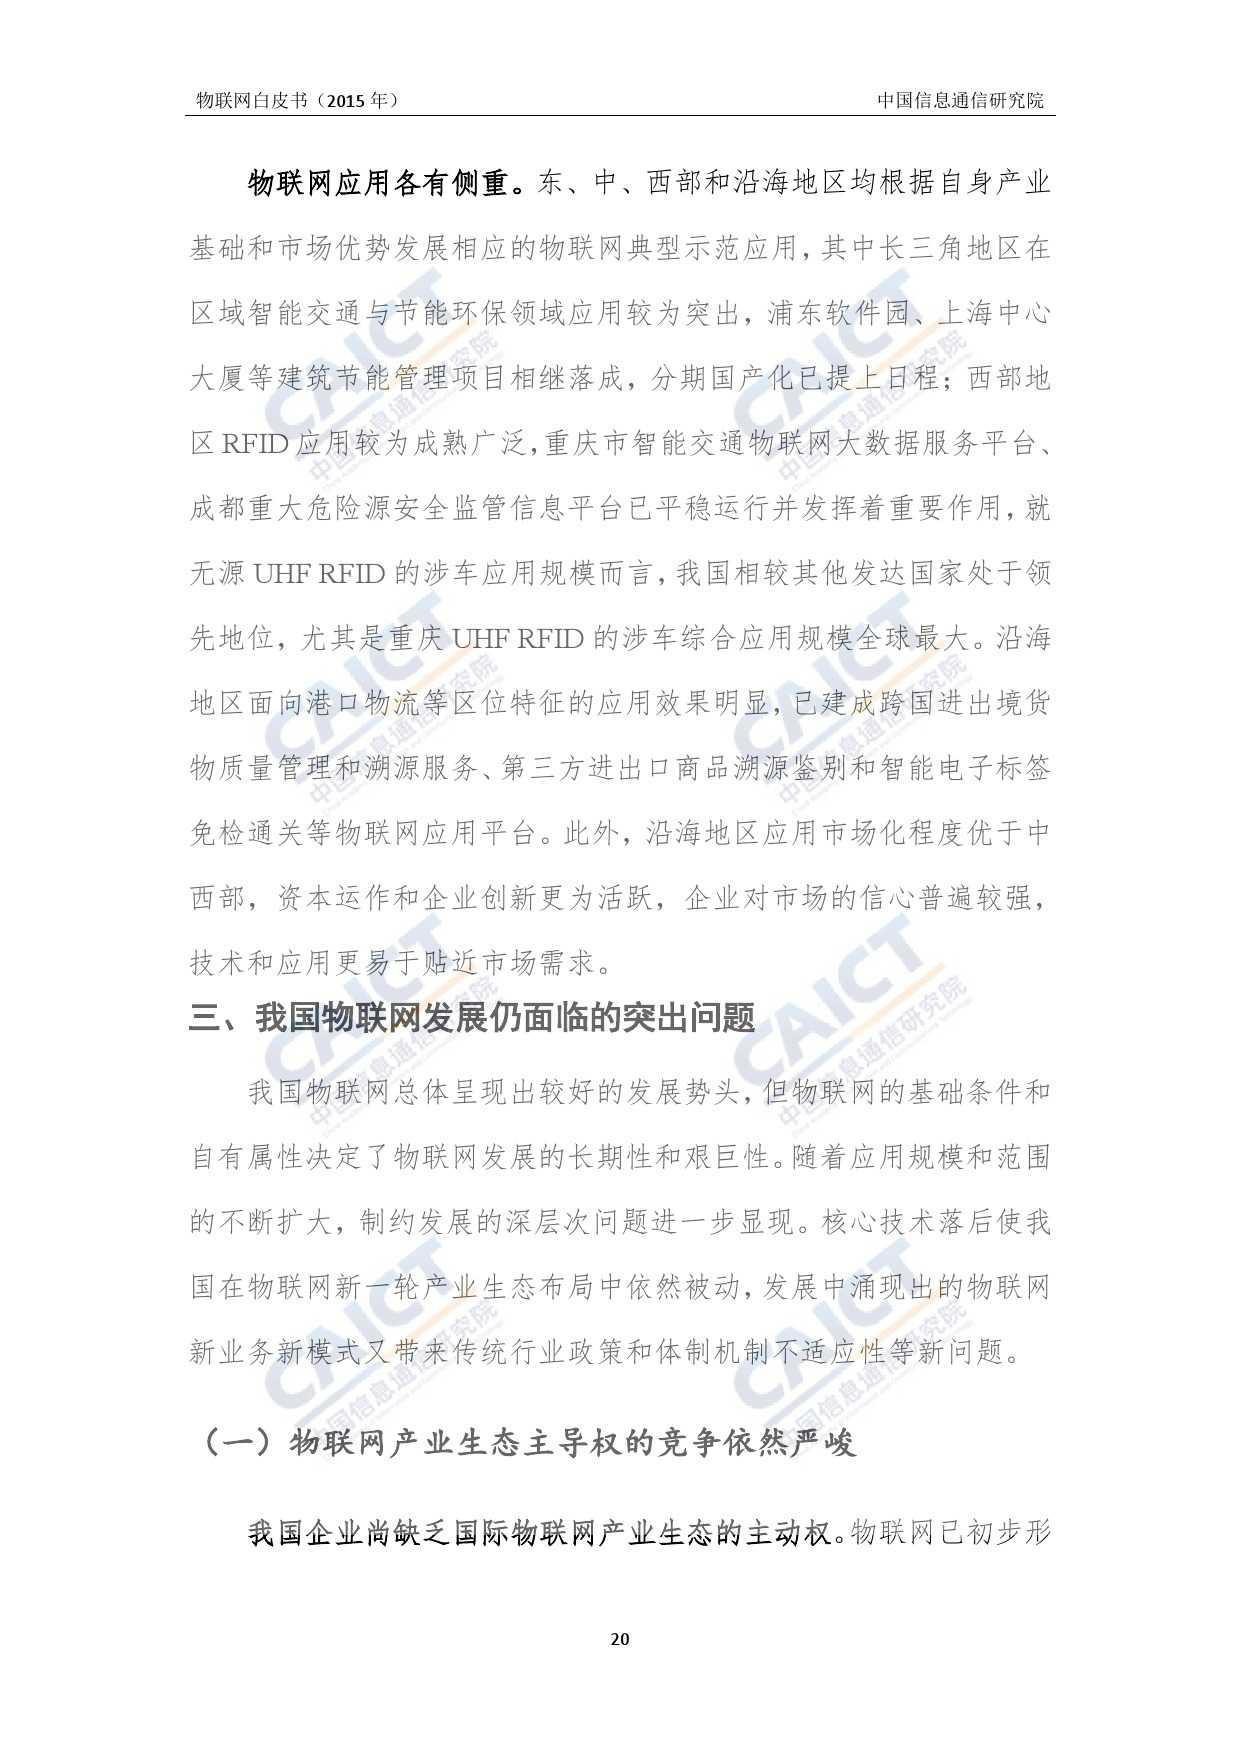 中国信息通信研究院:2015年物联网白皮书_000024